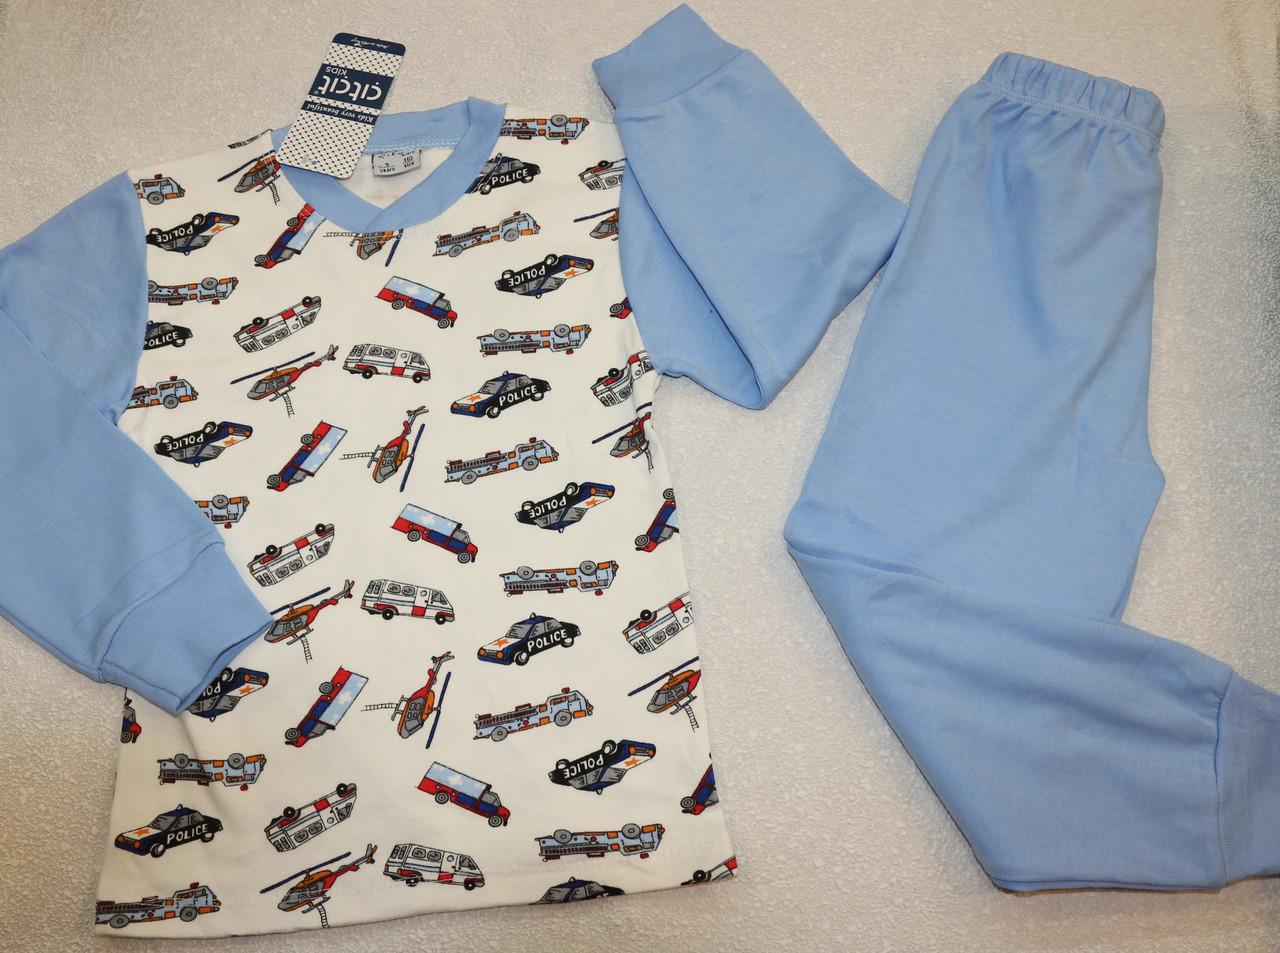 Пижама на мальчика с полицией  100 % хлопок 5,6,7,8 лет